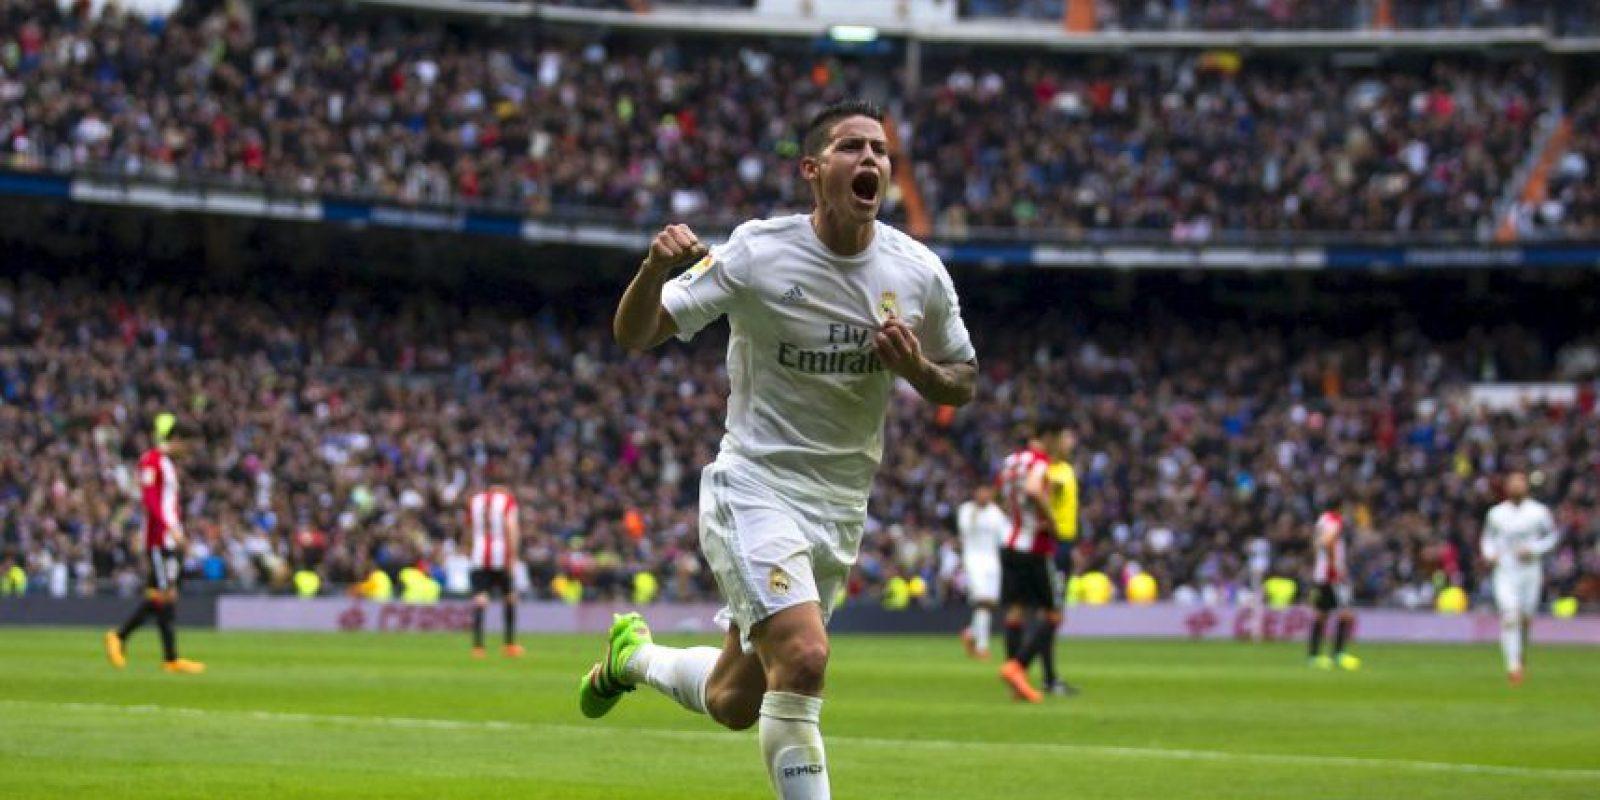 El colombiano decepcionó en su segunda temporada como blanco Foto:Getty Images